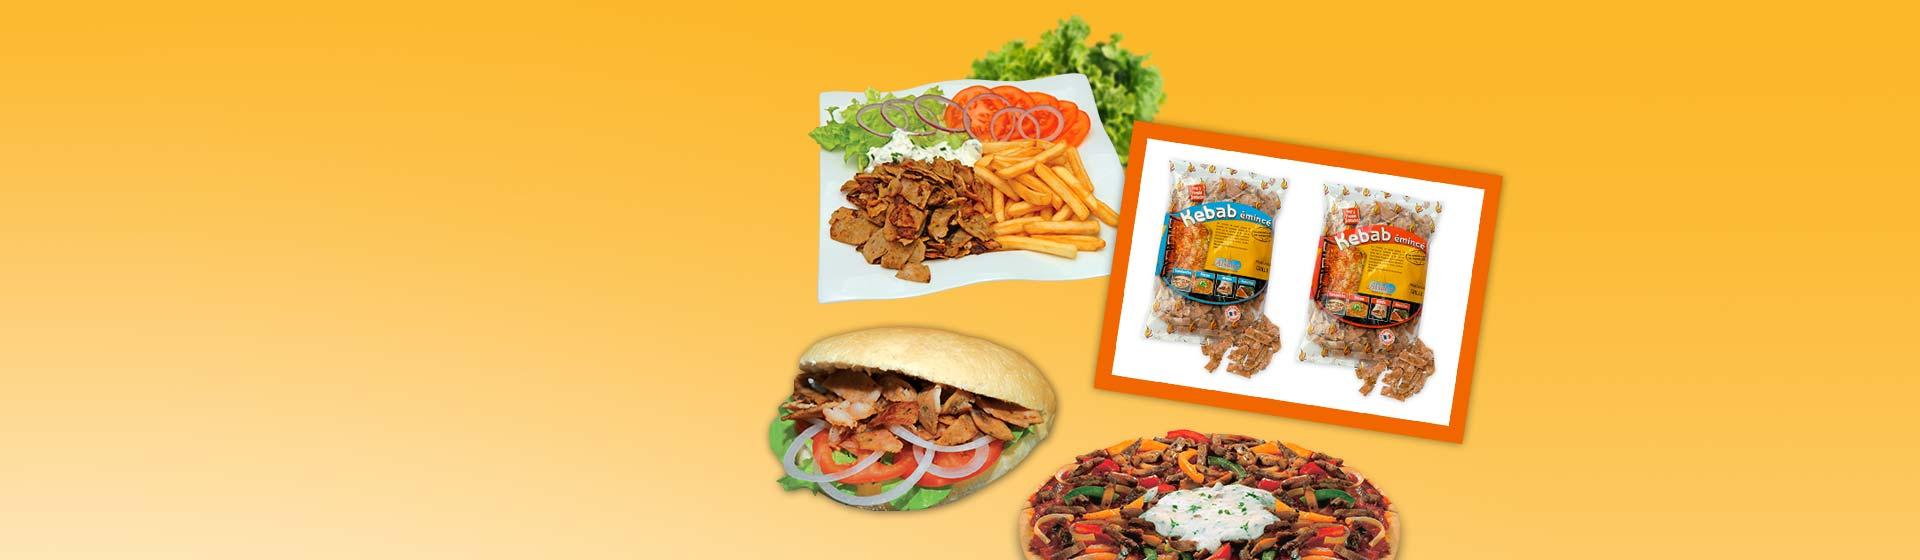 Emince-de-kebab-pour-assiette-sandwich-et-pizza